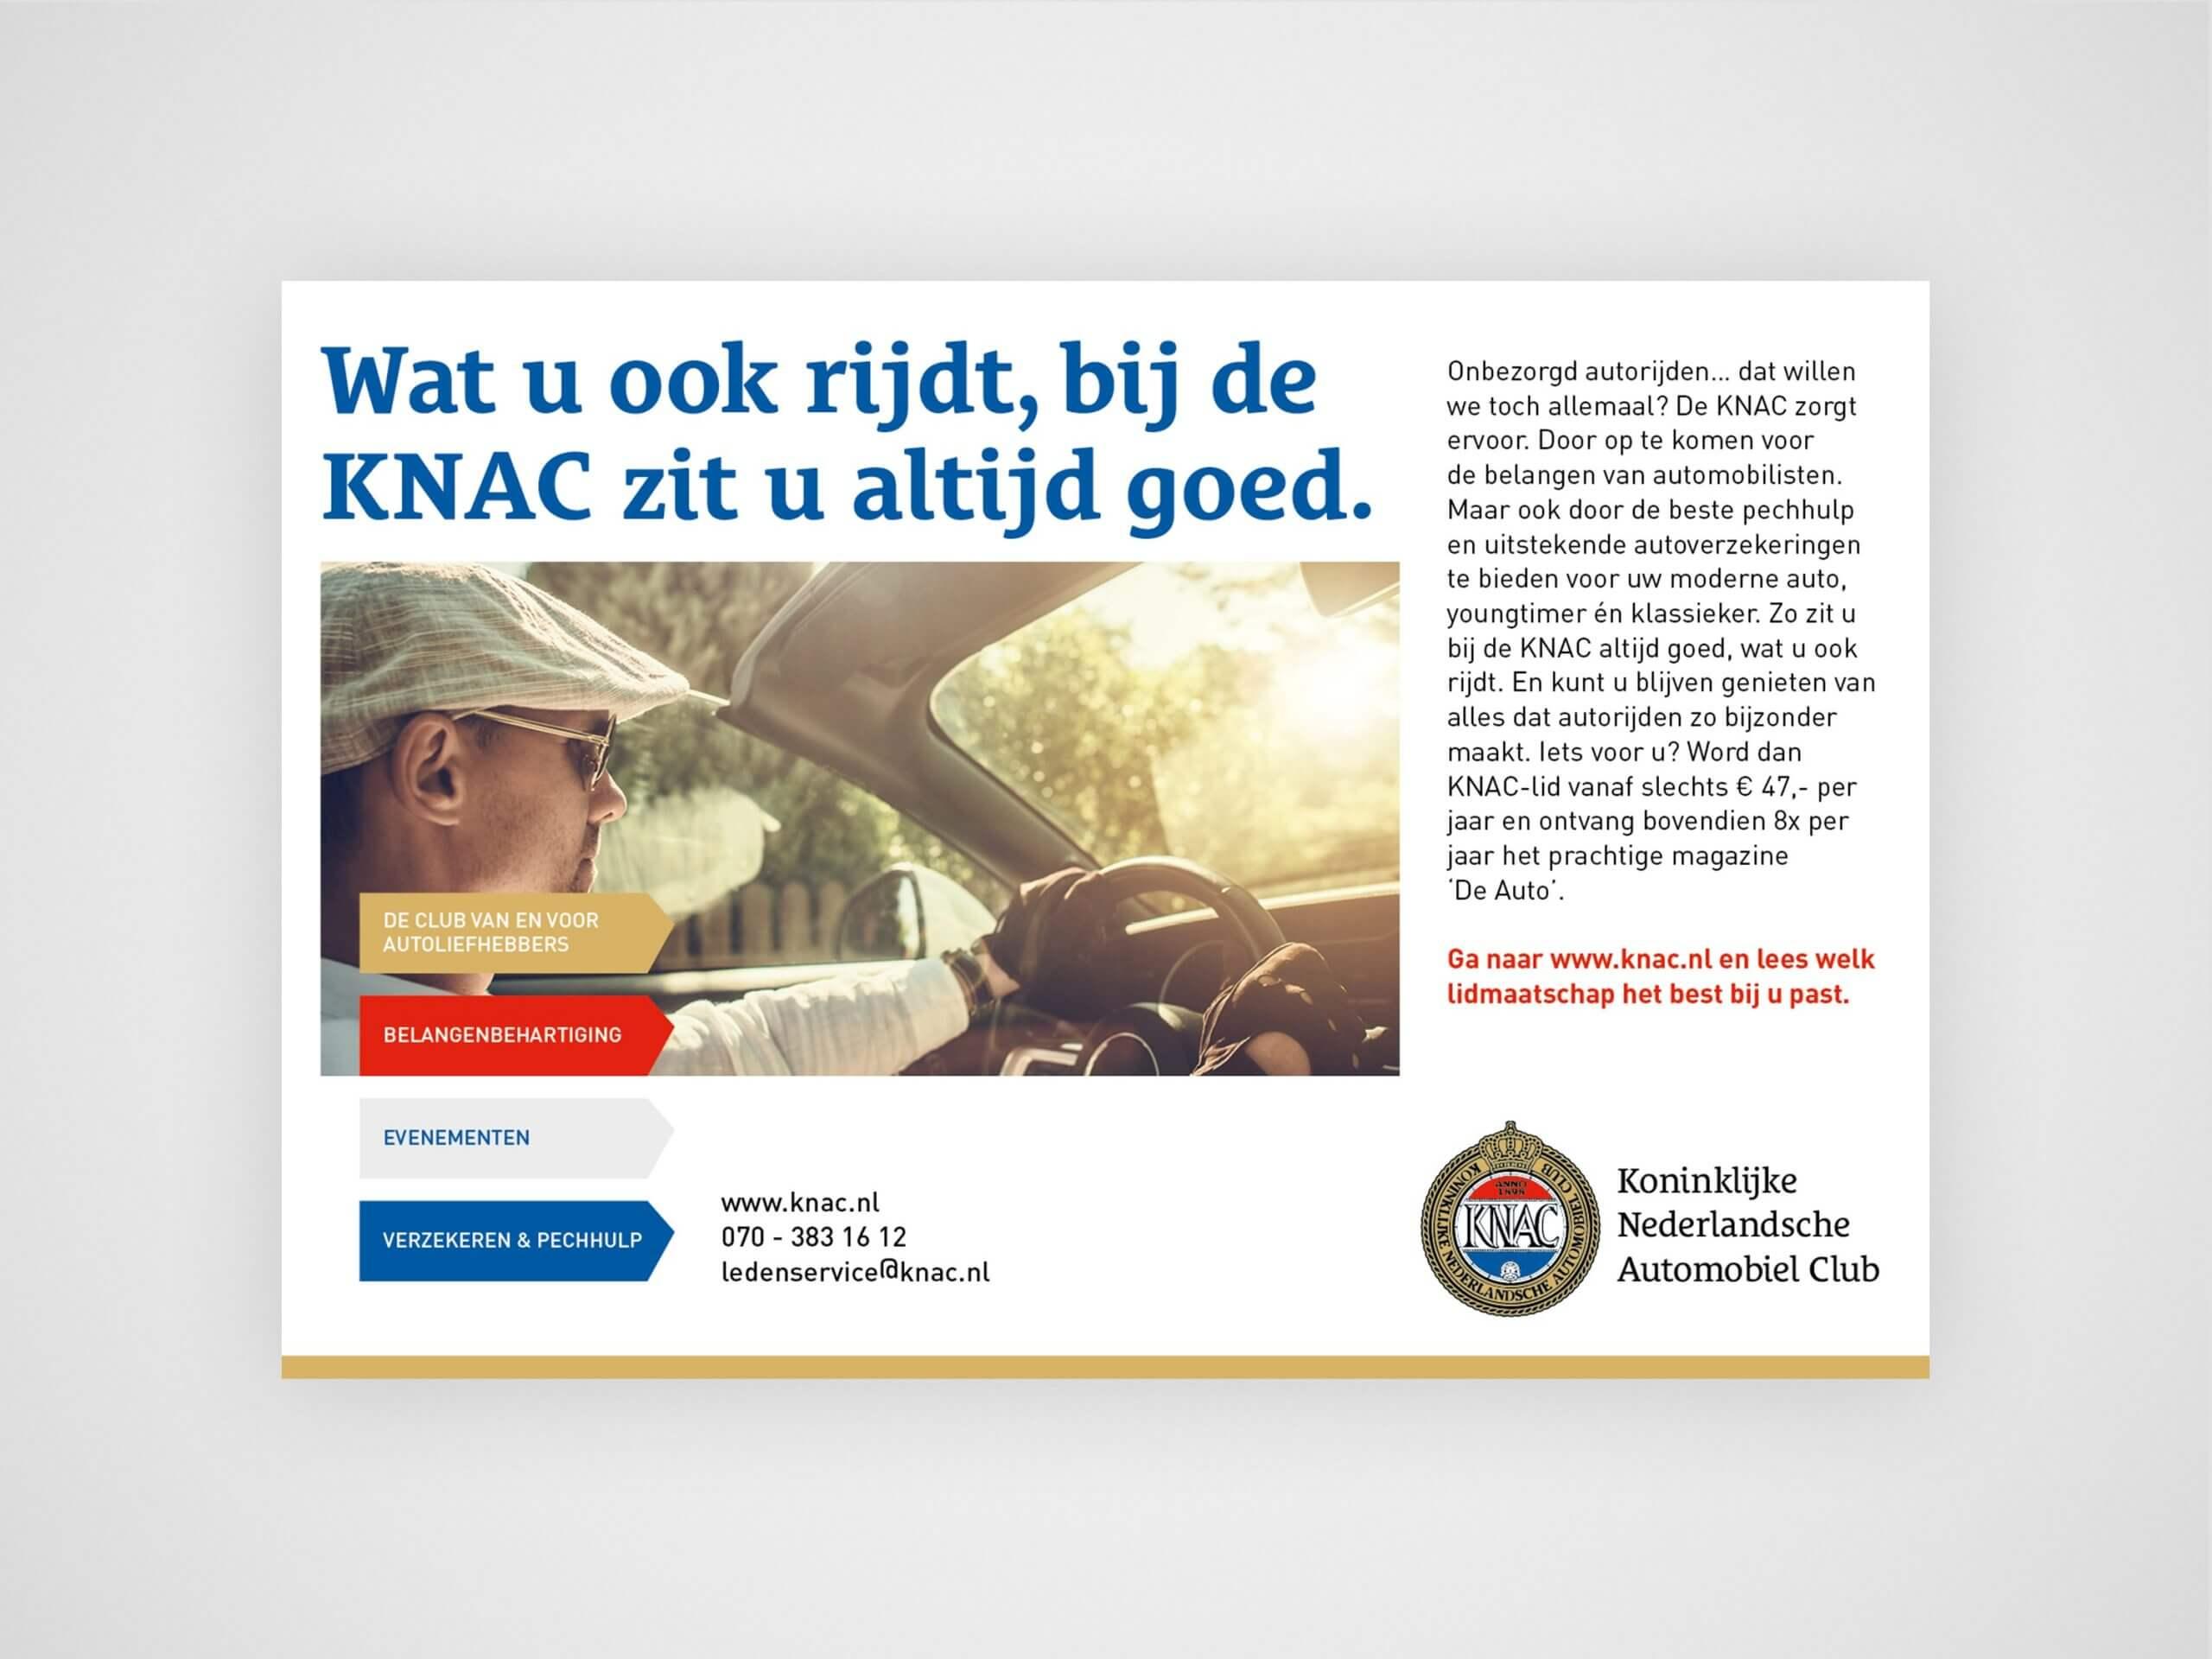 KNAC advertentie - Conceptinc